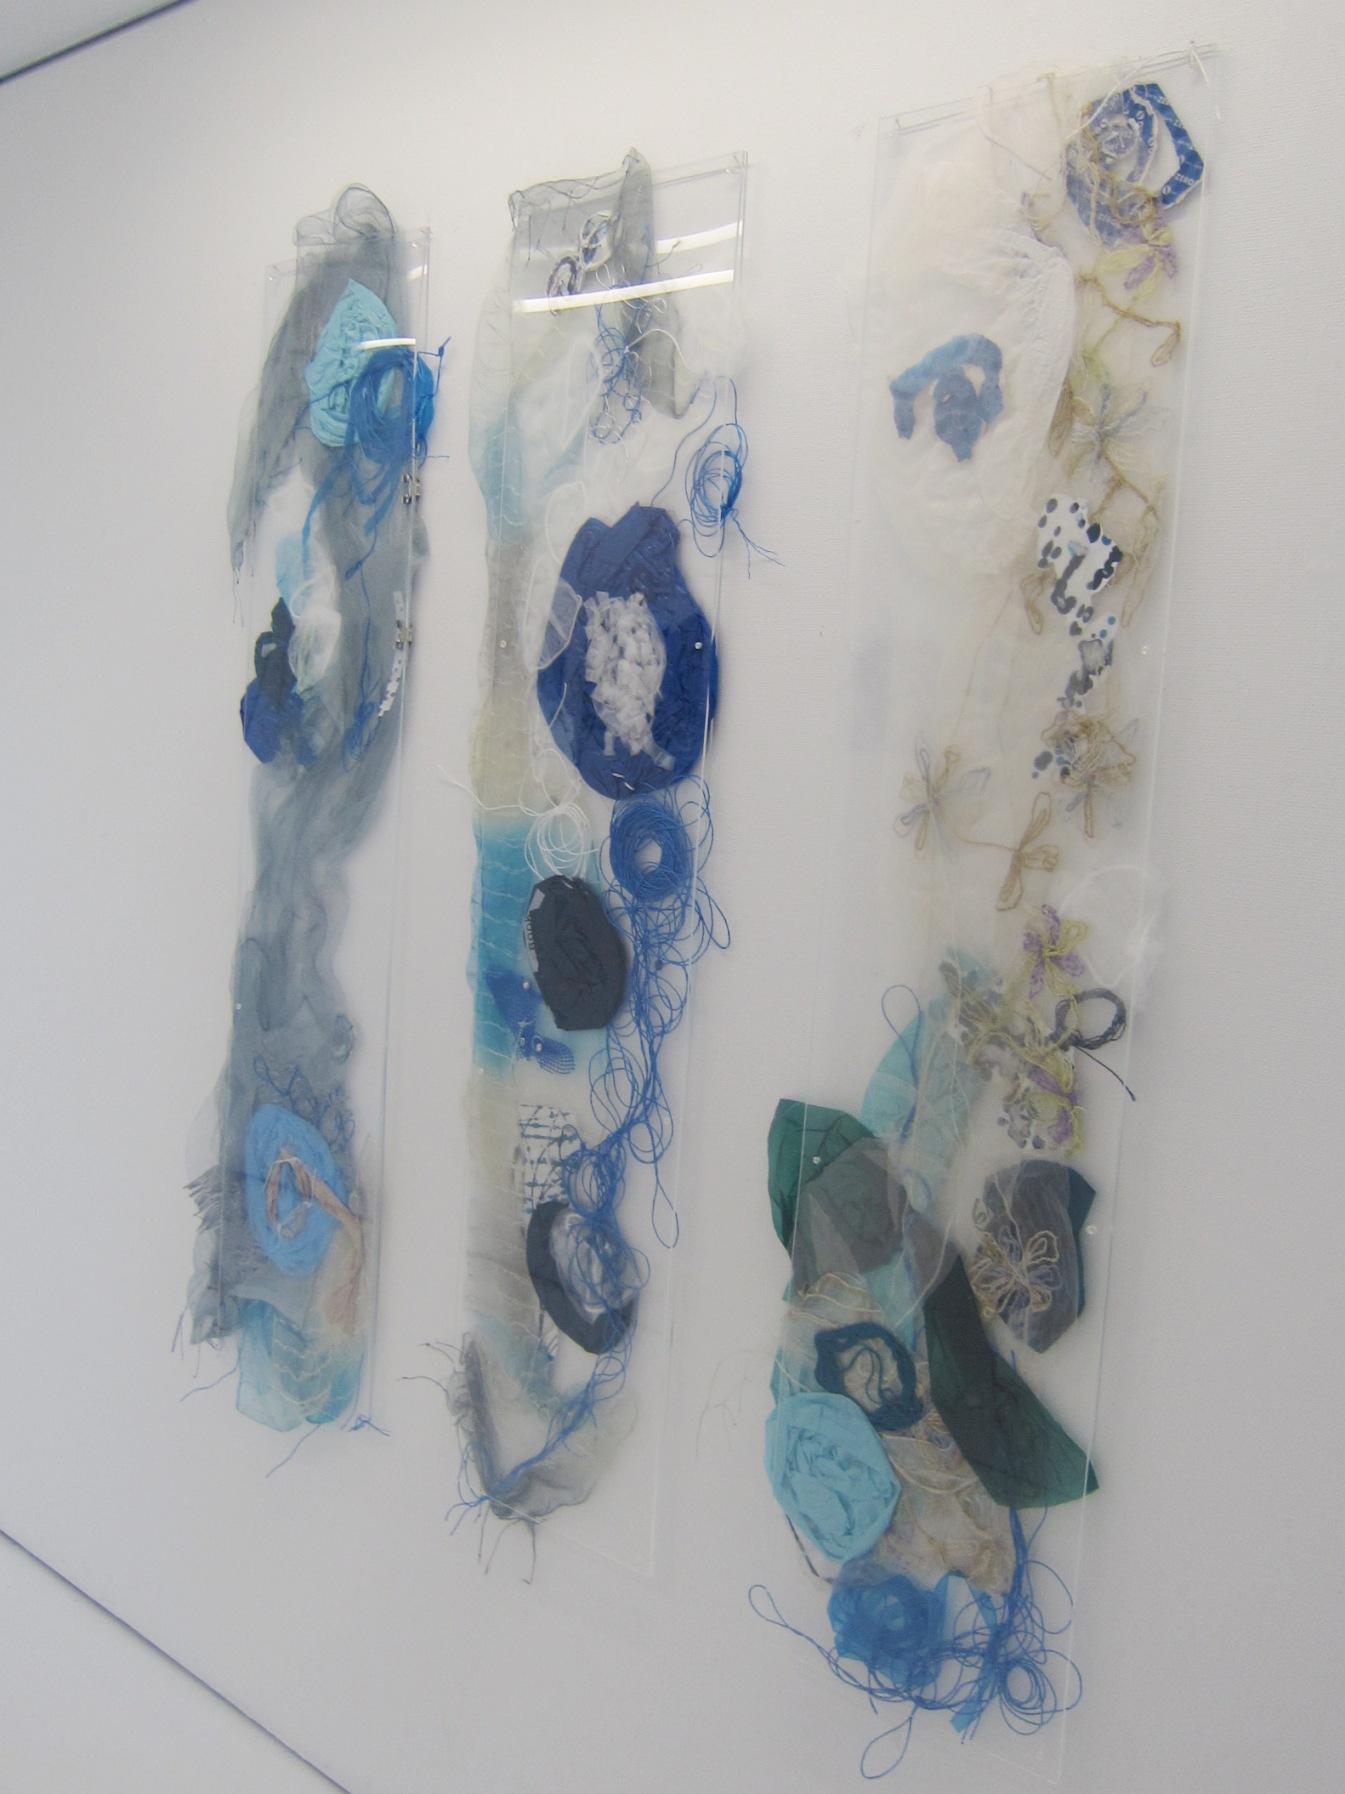 2084) 「瀬川葉子 展 『FILE』」 門馬 5月24日(金)~6月9日(日)_f0126829_21264552.jpg